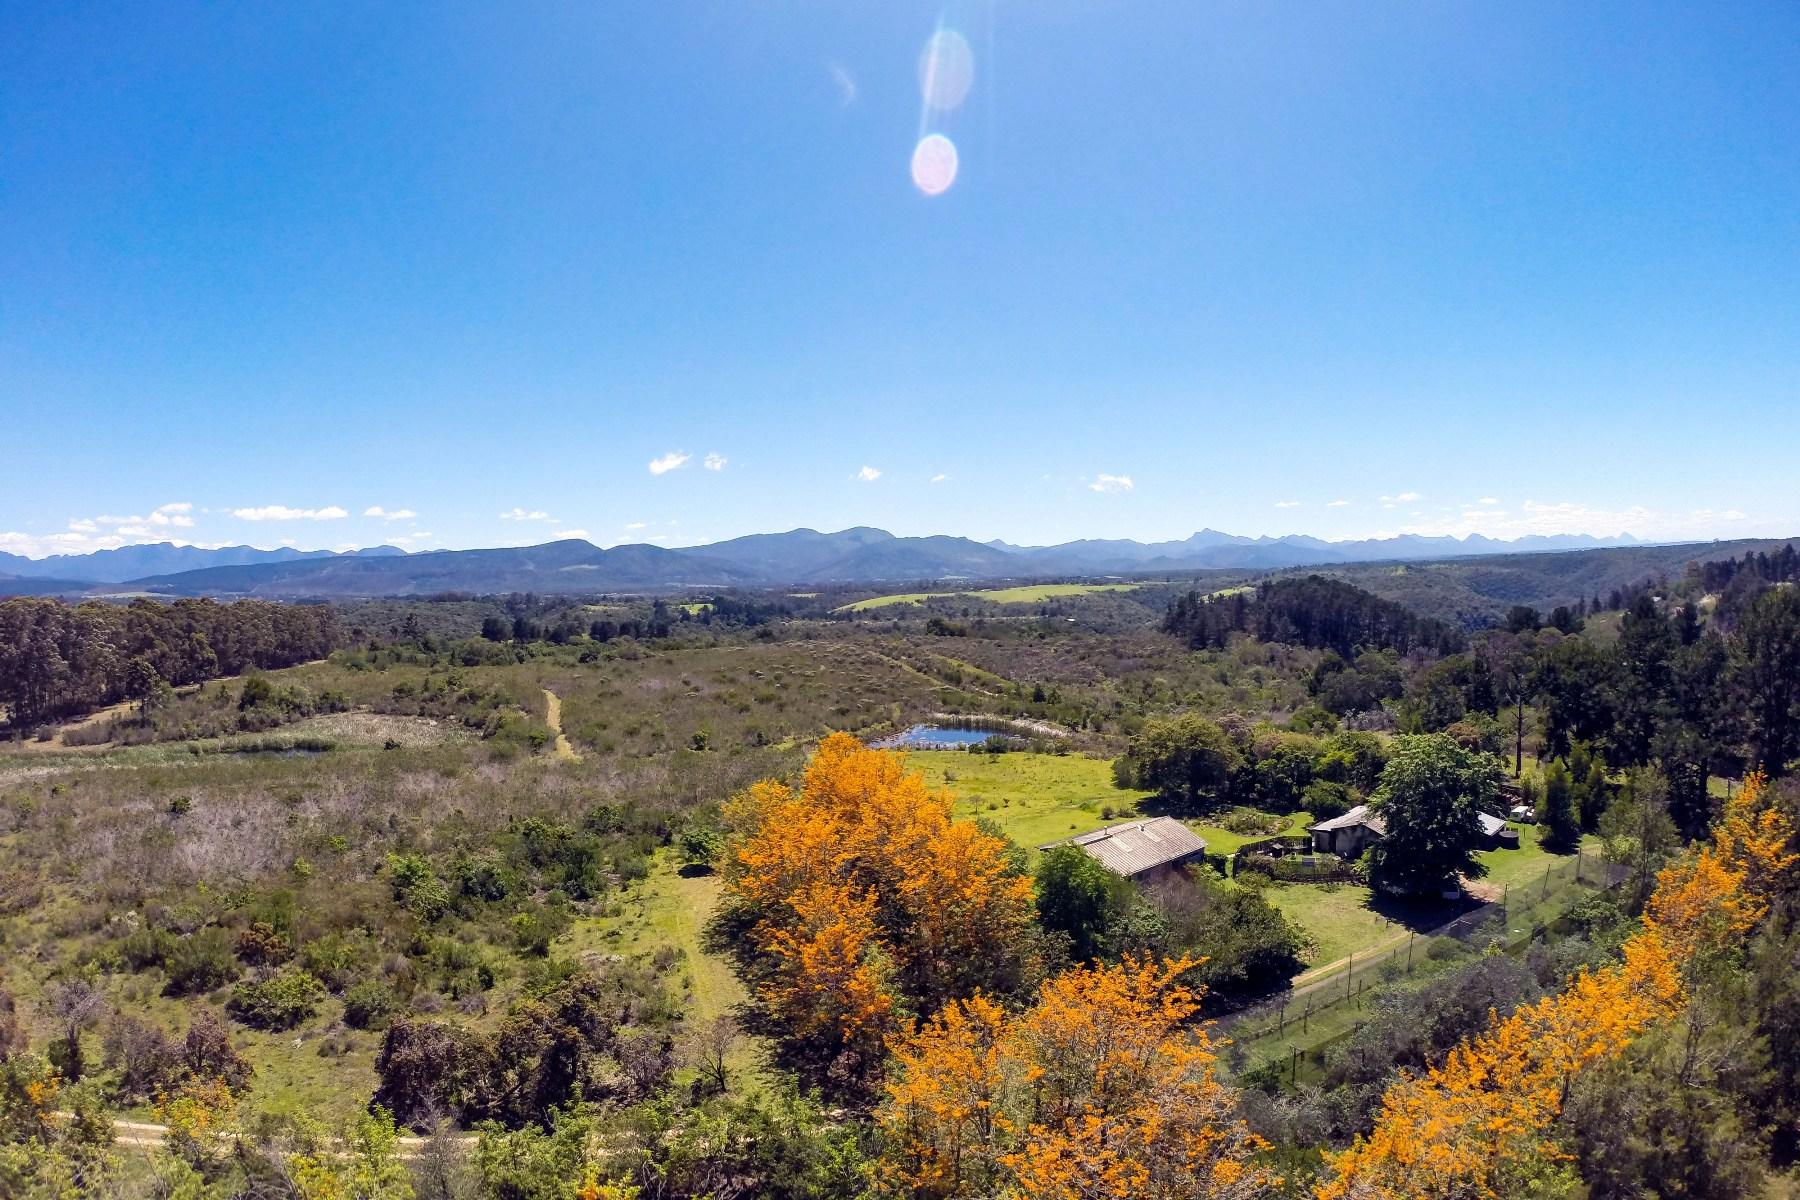 農場/牧場 / プランテーション のために 売買 アット Smallholding above Keurbooms Plettenberg Bay, 西ケープ, 6600 南アフリカ